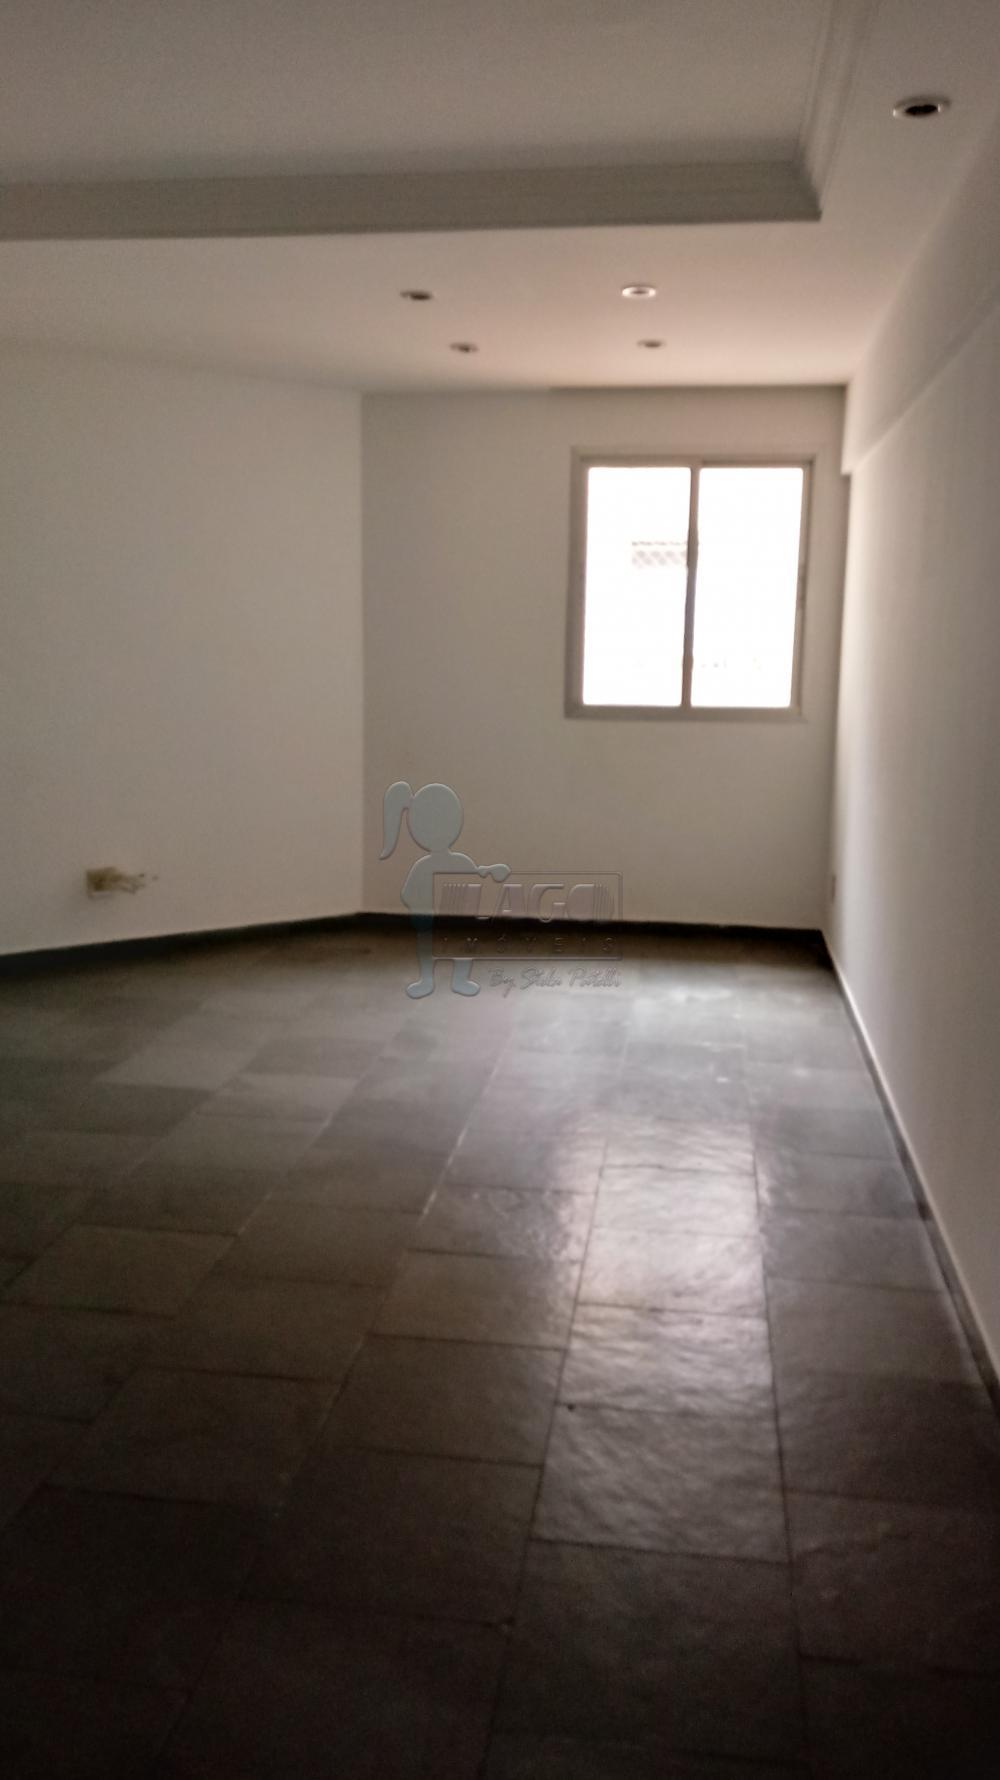 Comprar Apartamento / Padrão em Ribeirão Preto apenas R$ 230.000,00 - Foto 2